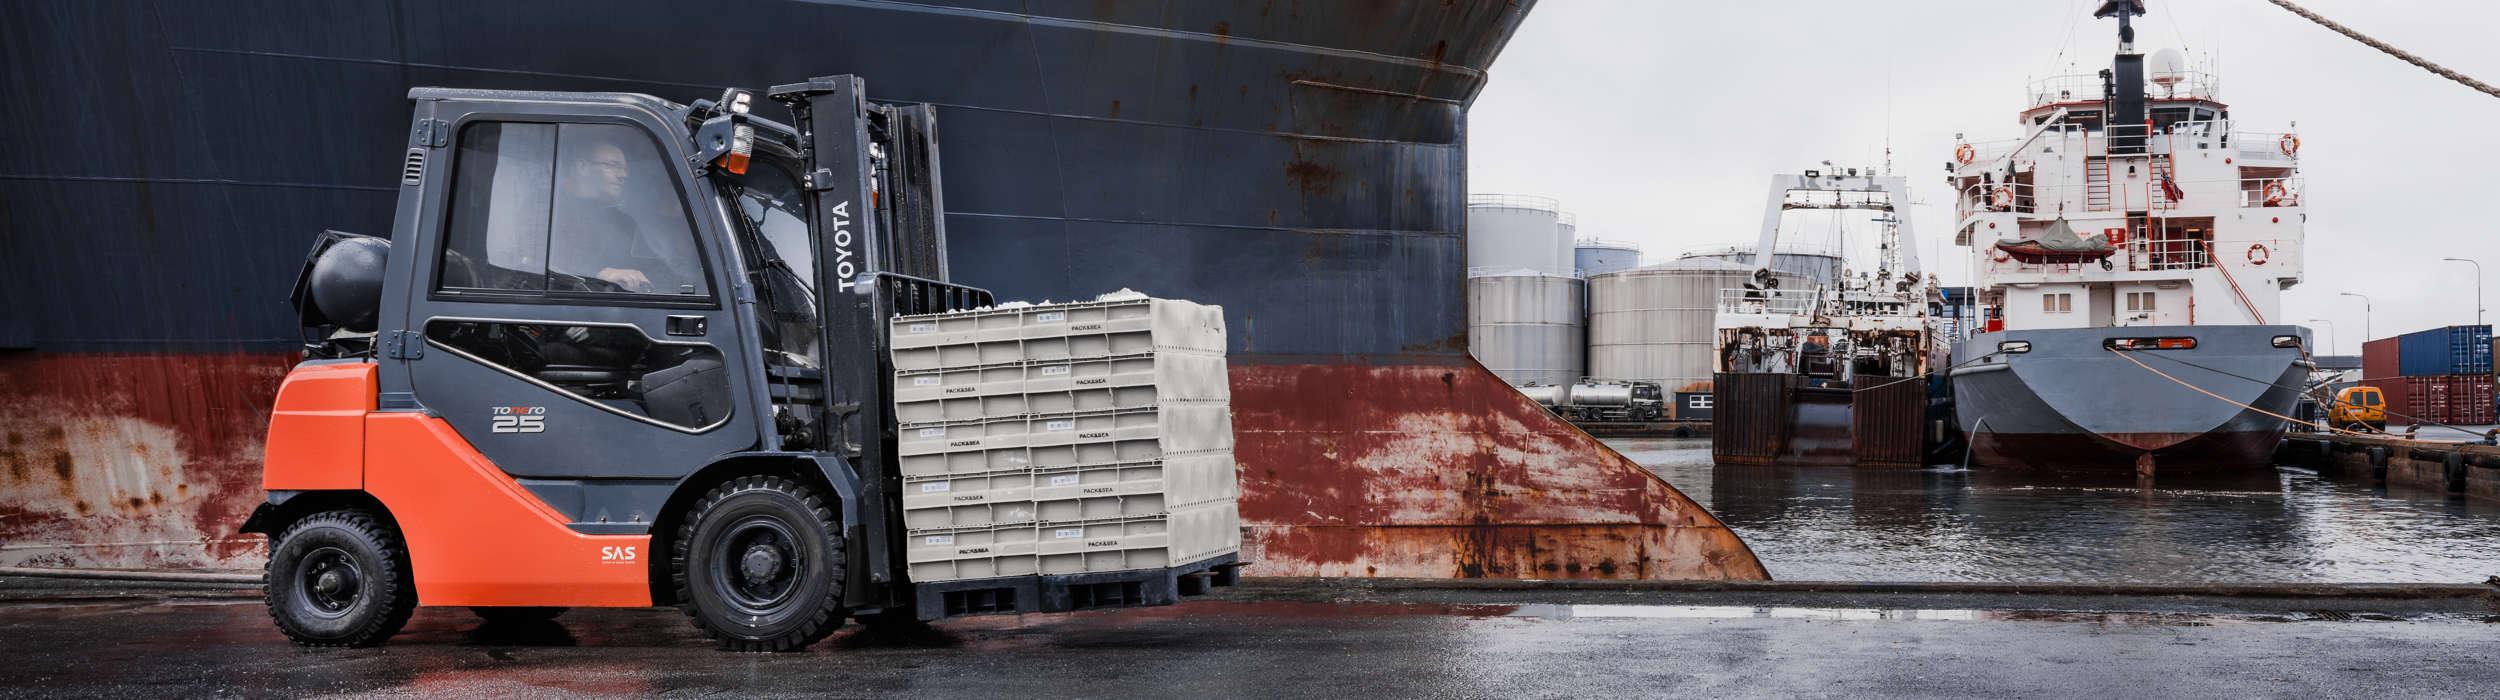 Carretilla Tonero en un puerto